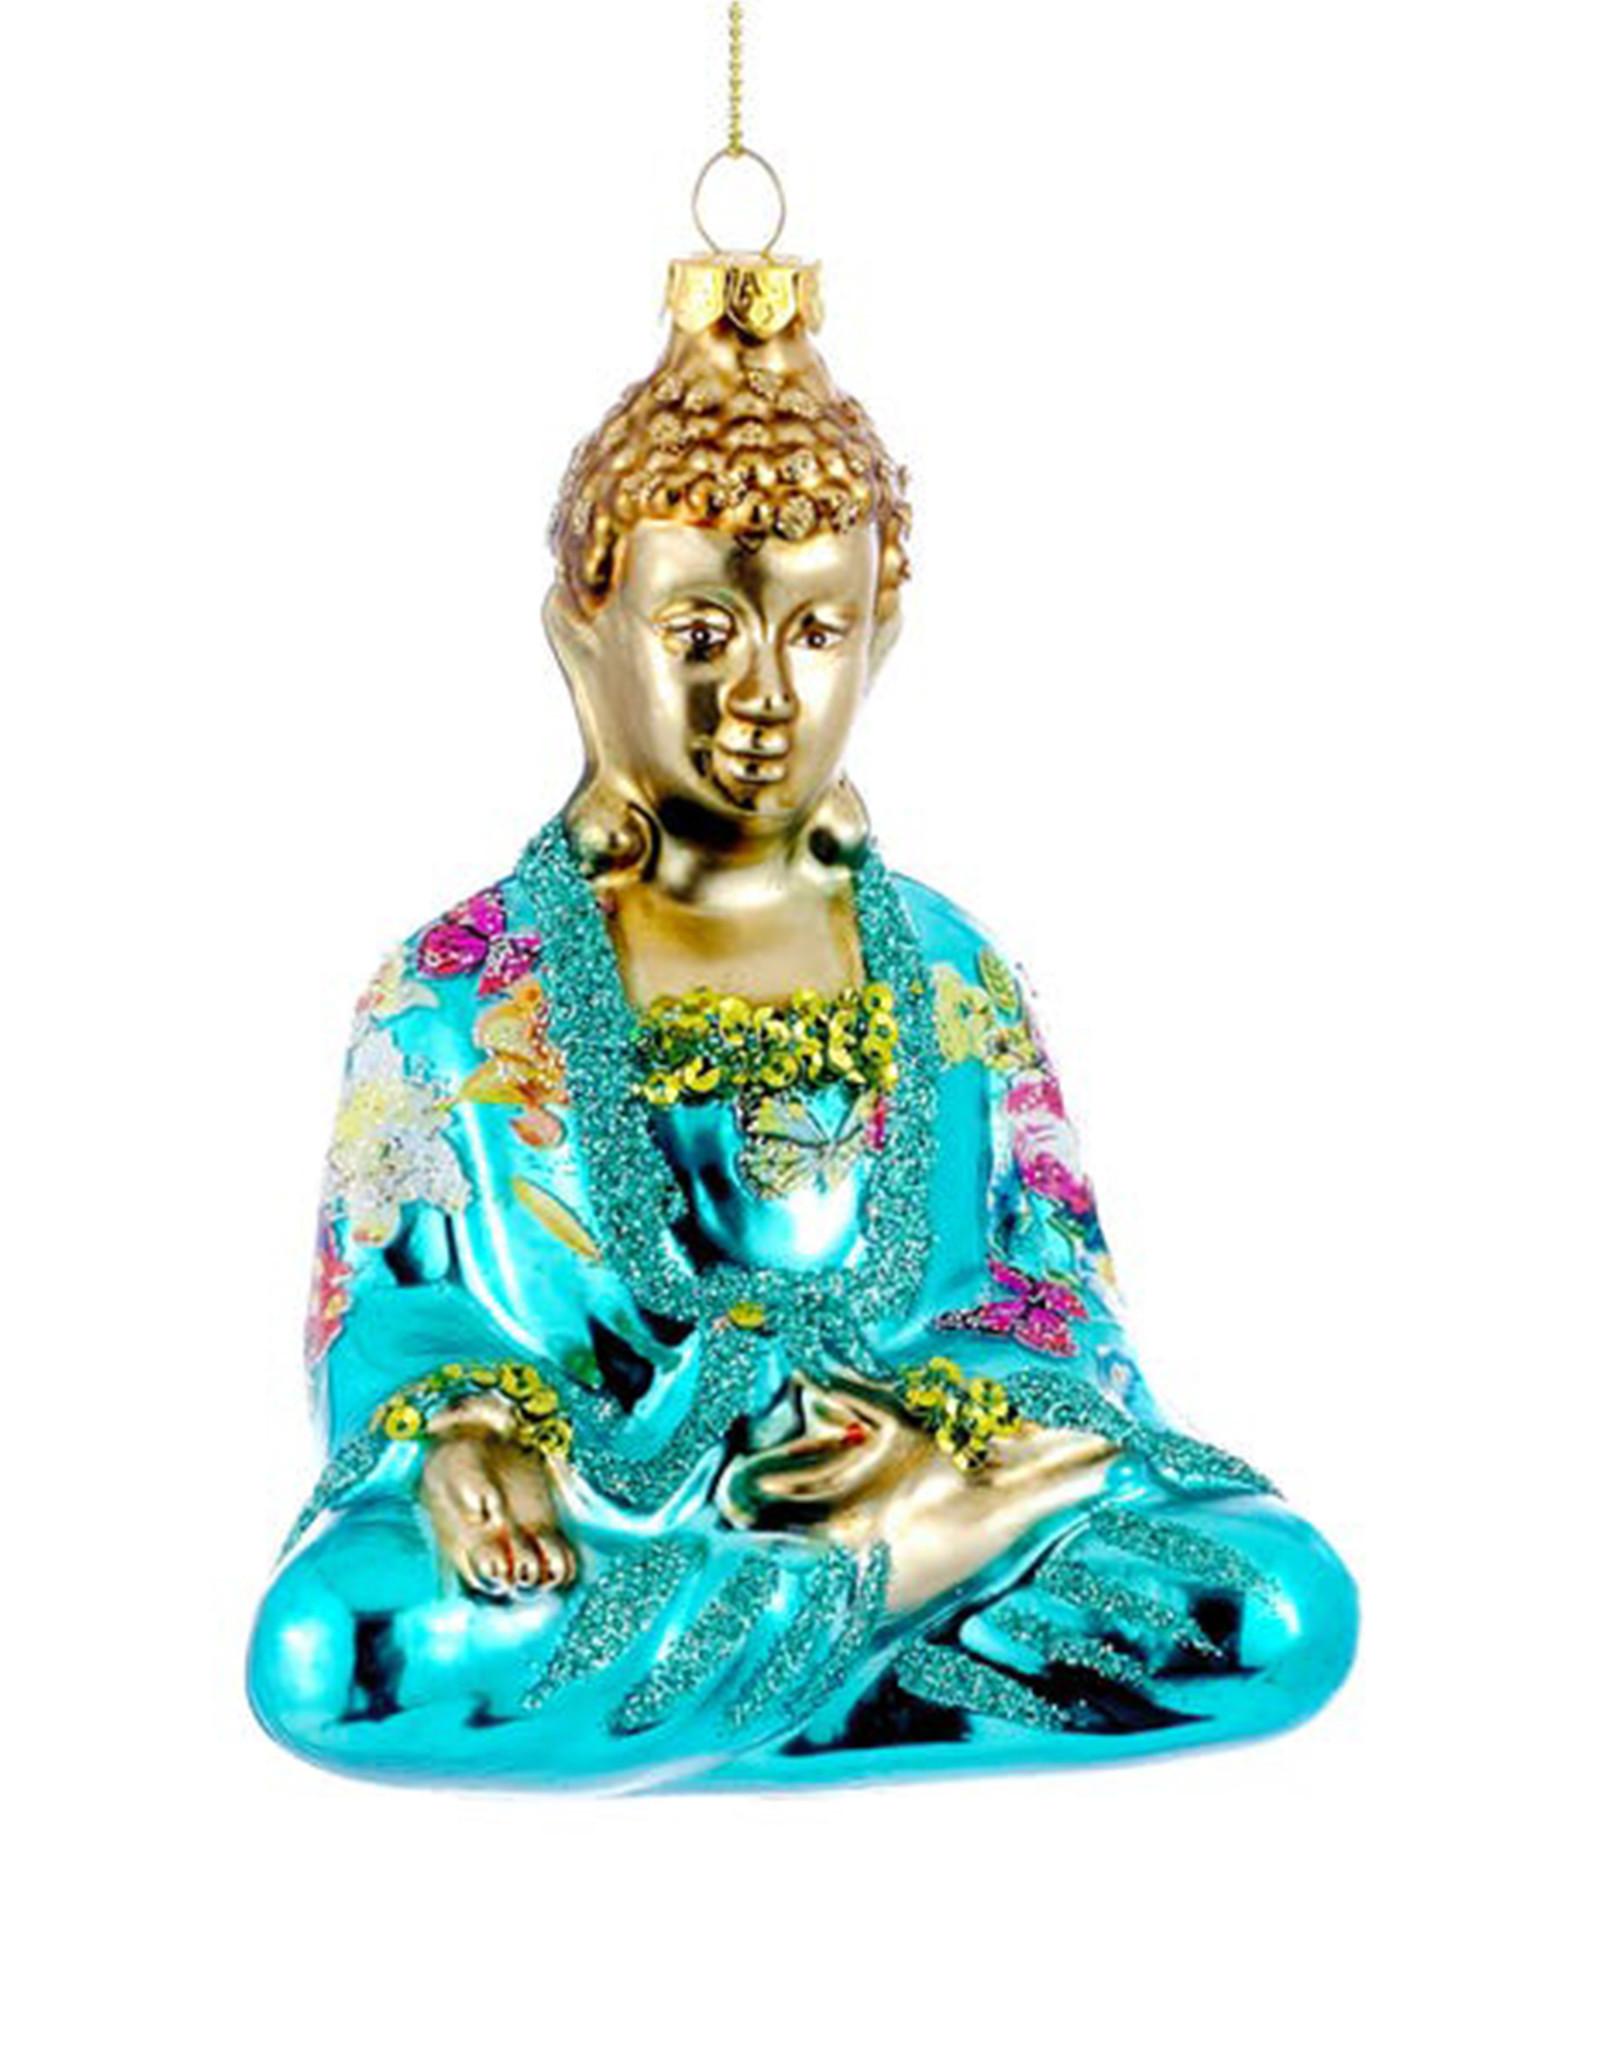 KURT ADLER BUDDHA ORNAMENT